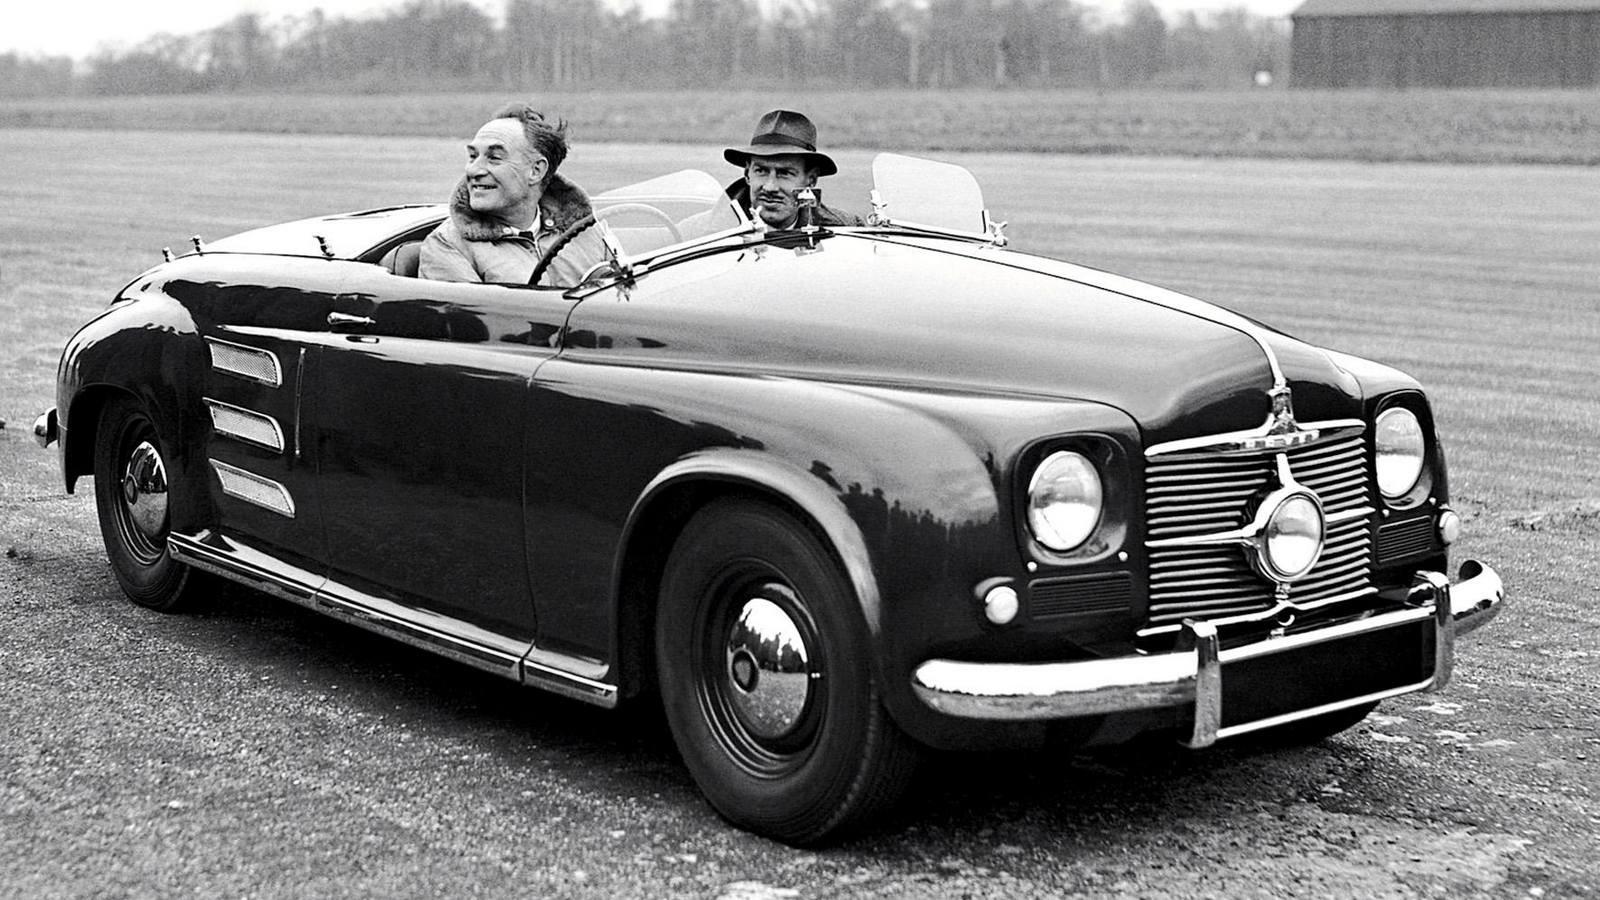 В 1946 году, не имея понятия, к чему приведут её старания, фирма Rover приступила к созданию экспериментальной открытой двухместной машины Jet-1 с задним расположением двигателя. Затем ушло еще три года на доработку базового легкового шасси Р-4 без коробки передач, на выбор схемы ГТД и испытания первого работоспособного двигателя Т-5 в 100 сил. Его центробежный компрессор вращался с частотой до 40 тысяч оборотов в минуту, а вал турбины развивал 26 тысяч, для чего была введена понижающая передача на колеса.Публичная демонстрация автомобиля Jet-1 сопровождалась шумной рекламной кампанией (фото R. Gerelli)Презентация Jet-1 состоялась в марте 1950 года. Через два года начались испытания модернизированного варианта с 230-сильной турбиной Т-8. Такой ГТД отличался плавностью работы, но слишком высокая рабочая температура потребовала применения редких и дорогих материалов, а расход авиационного керосина достигал 50 литров на 100 километров.Единственная сохранившаяся машина Rover Jet-1 образца 1950 года в лондонском Музее науки (фото автора)В 1956 году фирма Rover вернулась к ГТД второго поколения с новой 100-сильной турбиной 2S/100 и теплообменником производства компании British Leyland. Ее смонтировали в задней части полноприводного автомобиля Т-3 с двухместным стеклопластиковым кузовом на сварной раме с алюминиевыми усилителями и дисковыми тормозами. Максимальная скорость достигала 170 км/ч, расход топлива сократился до 22 литров, но в то время компания уже не могла выделить крупных средств на продолжение этих работ.Испытания уникального полноприводного концепт-кара Rover T-3 с задней установкой ГТД. 1956 годГазотурбинный автомобиль-купе T-3 в экспозиции Heritage Motor Centre в ГайдонеНесмотря на огромные расходы, в 1961-м появилась переднеприводная легковушка Т-4 с 140-сильным агрегатом 2S/140 переднего расположения и четырехместным несущим кузовом для будущей серийной модели Rover-2000. Она стала самой быстроходной дорожной машиной с ГТД (около 200 км/ч) и с места до «с